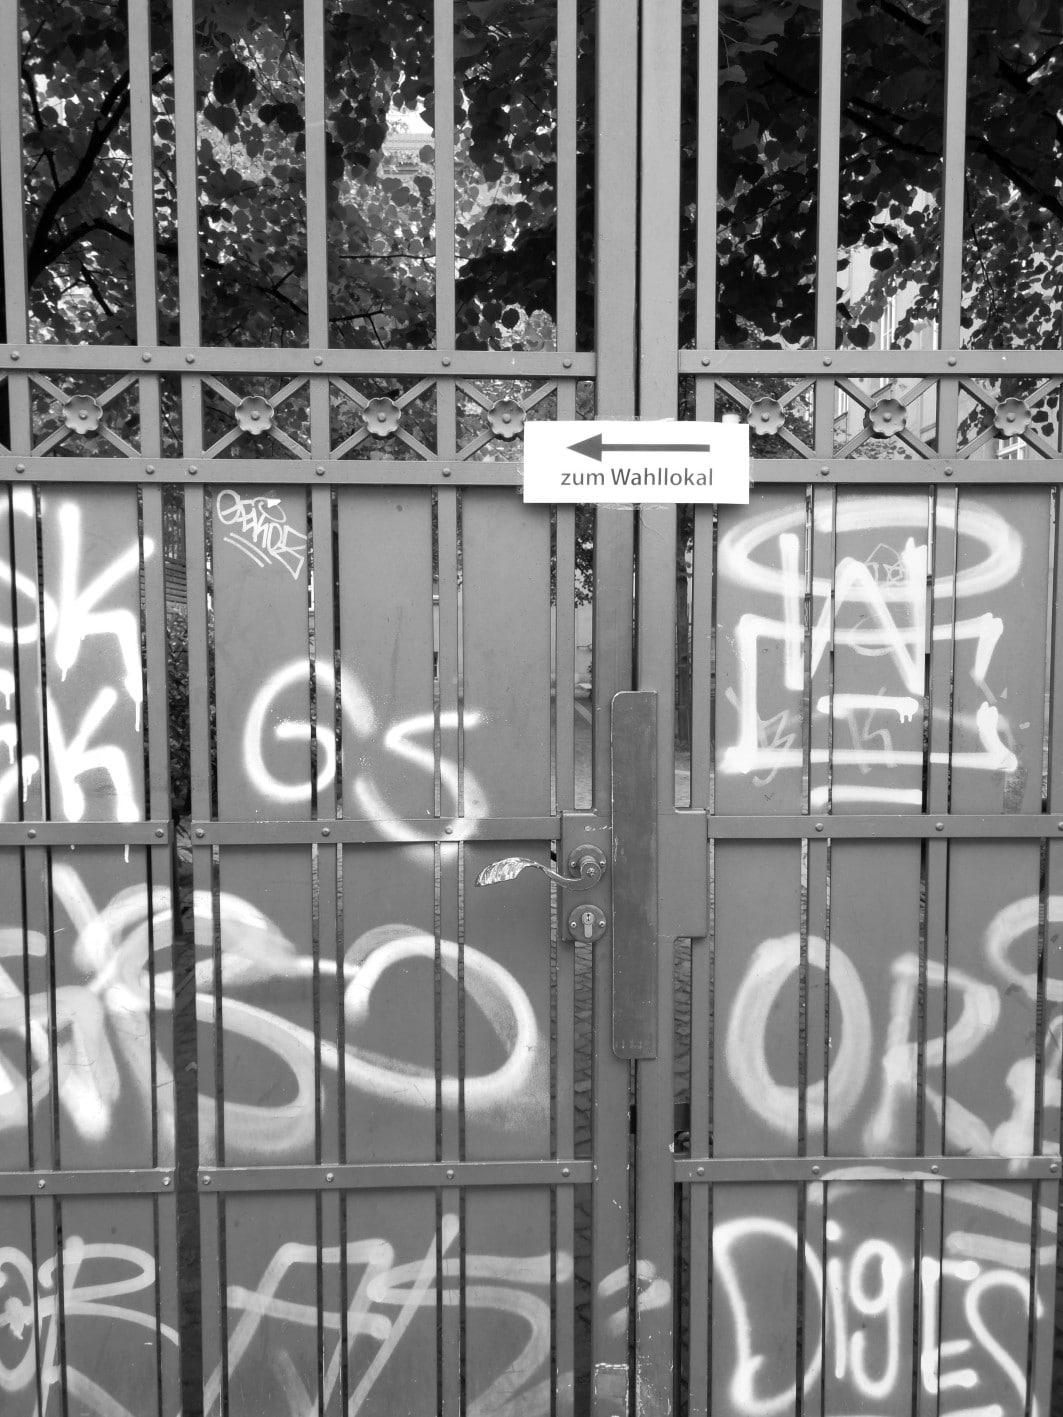 Das Wahllokal in unserer Schule_Friedrichshain